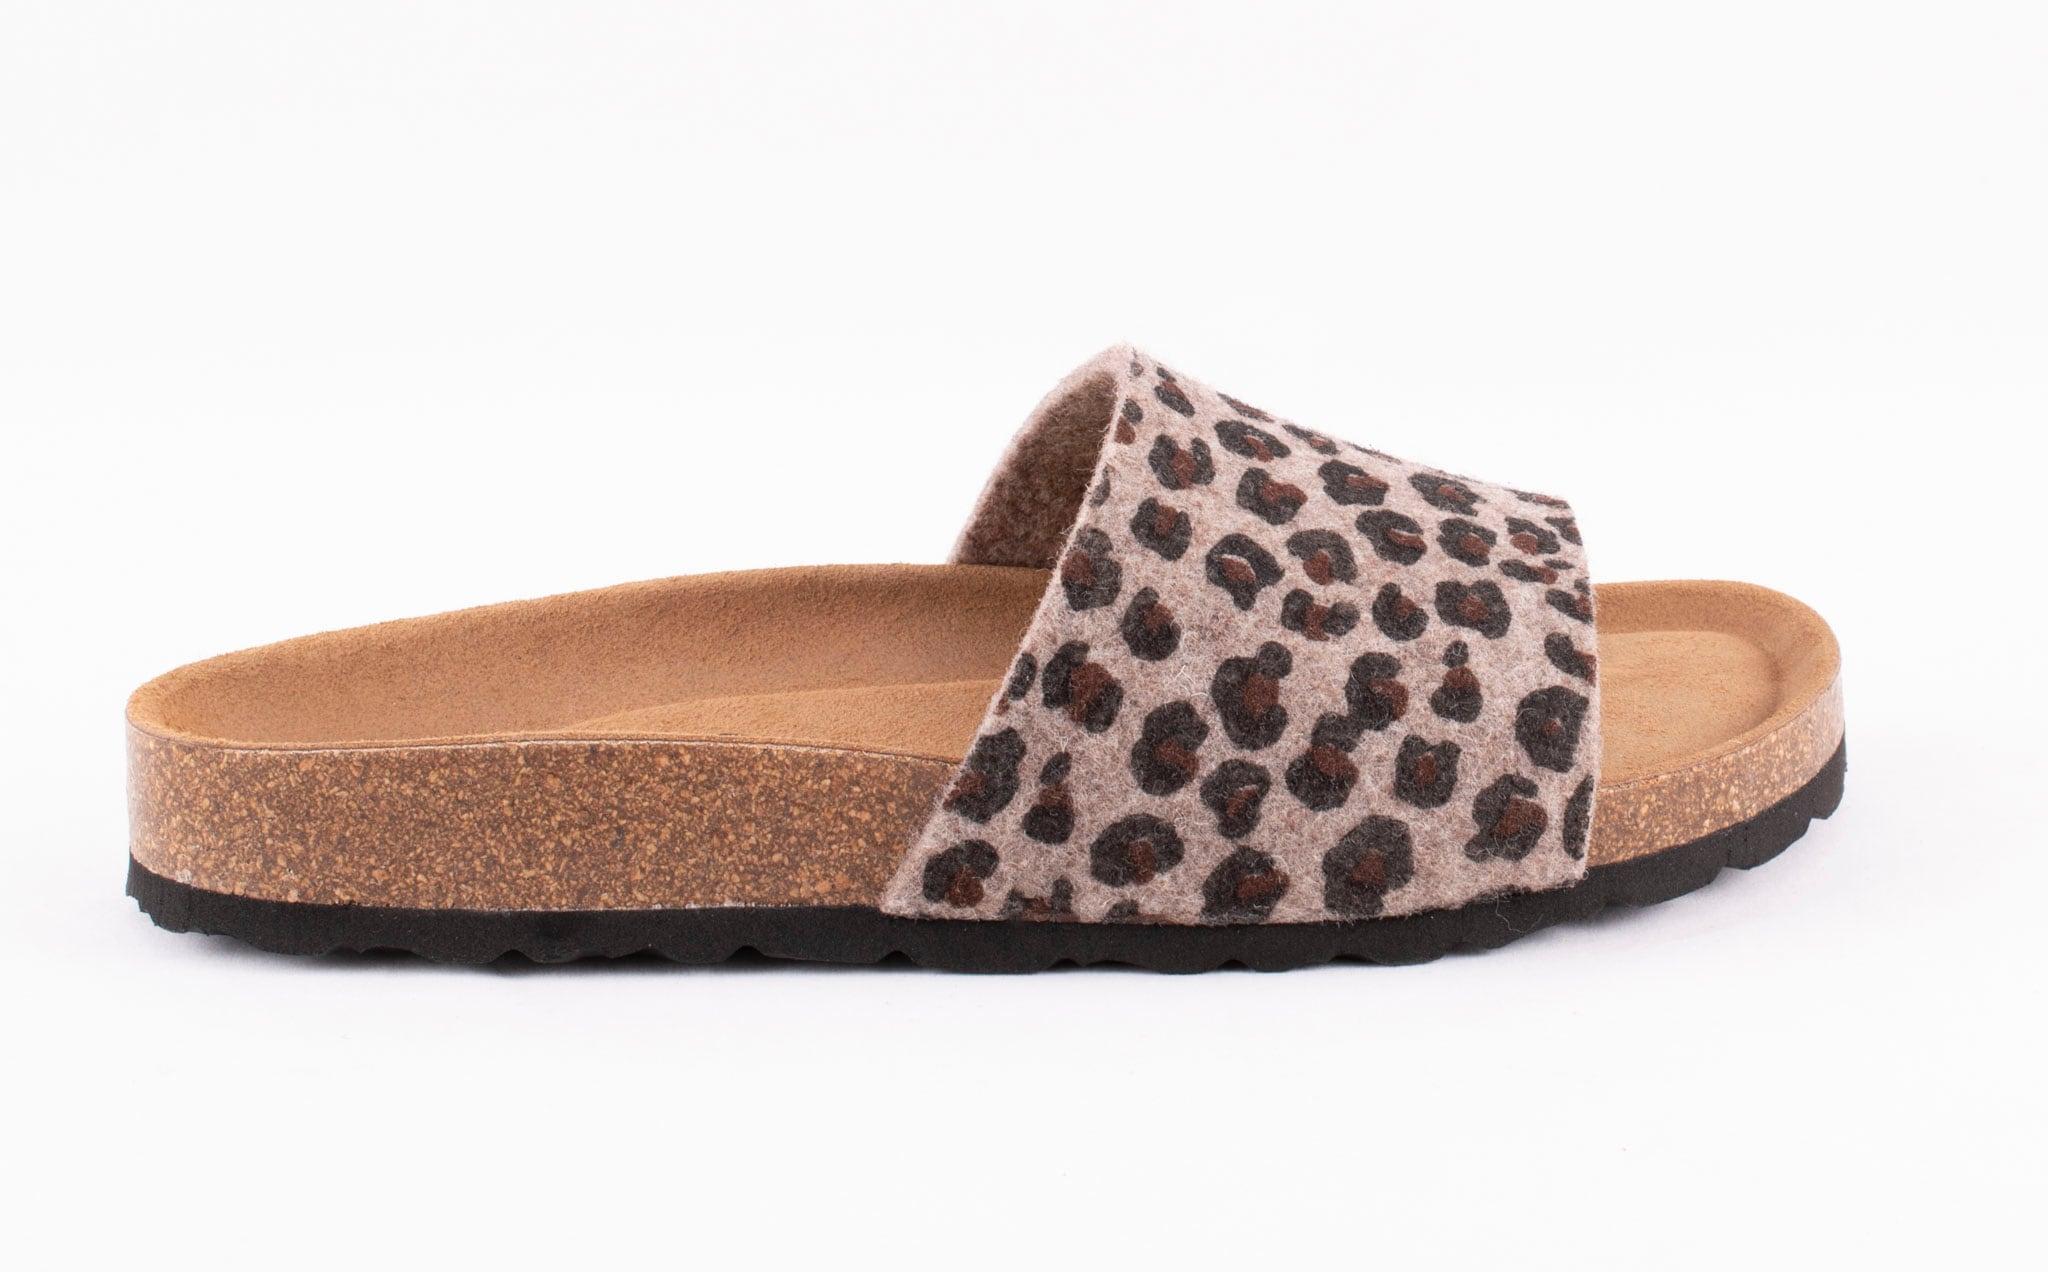 Bonnie sandals